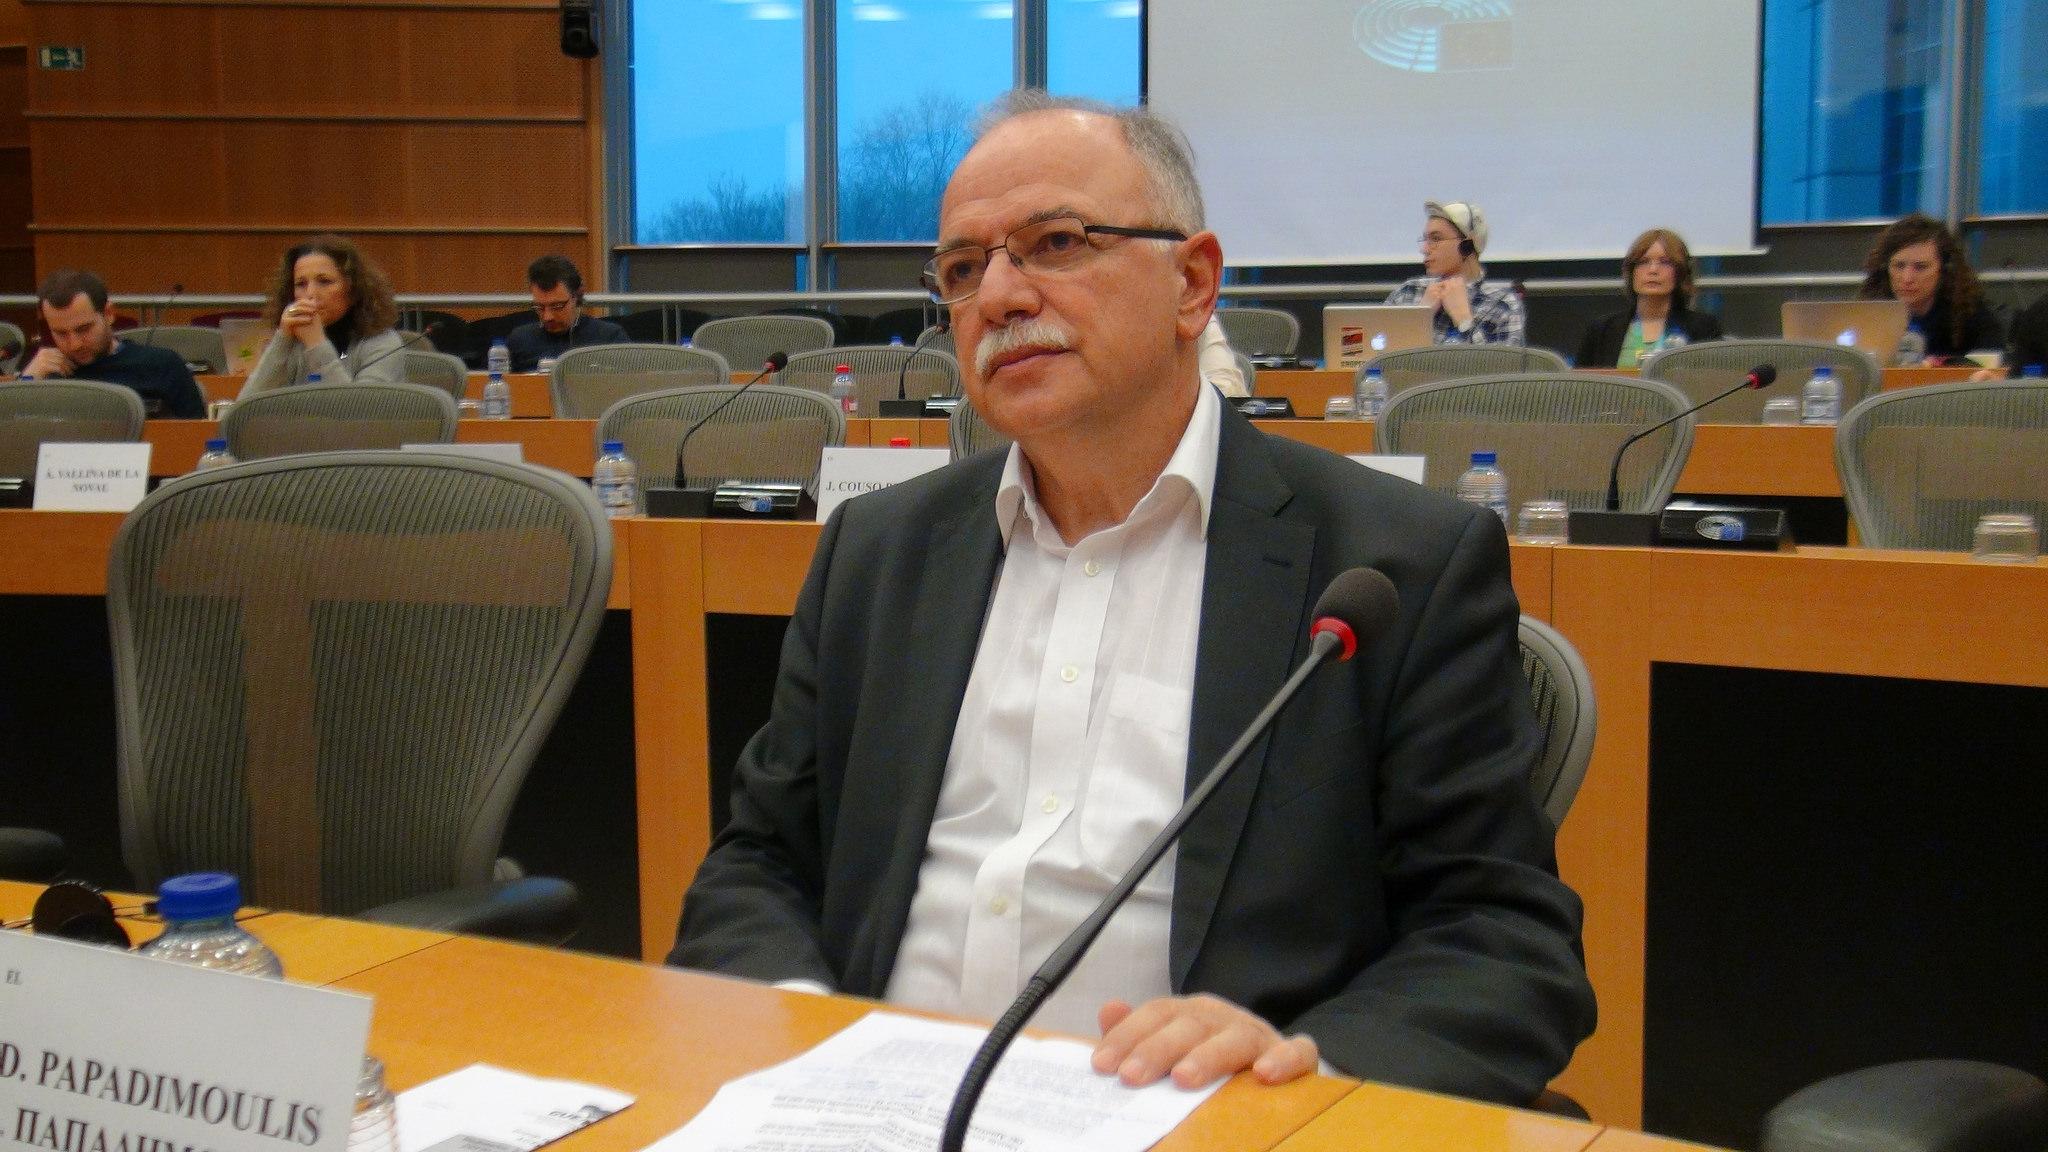 Επιστολή ενημέρωσης του Δημ. Παπαδημούλη σε Α. Ταγιάνι και πολιτικούς αρχηγούς στο ΕΚ σχετικά με τη νομική αναγνώριση φύλου στην Ελλάδα